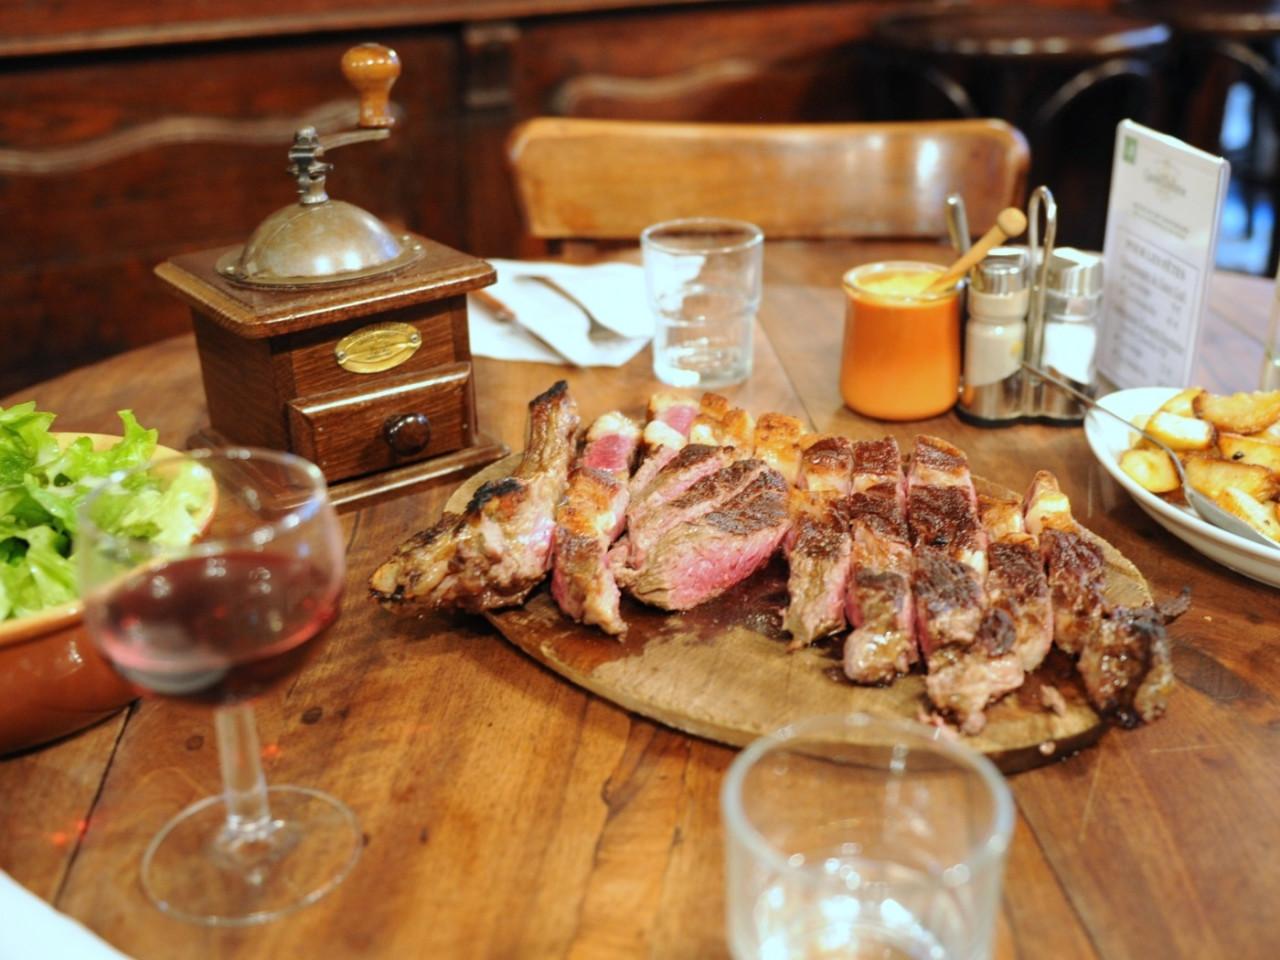 I migliori ristoranti di carne (grill) di Parigi